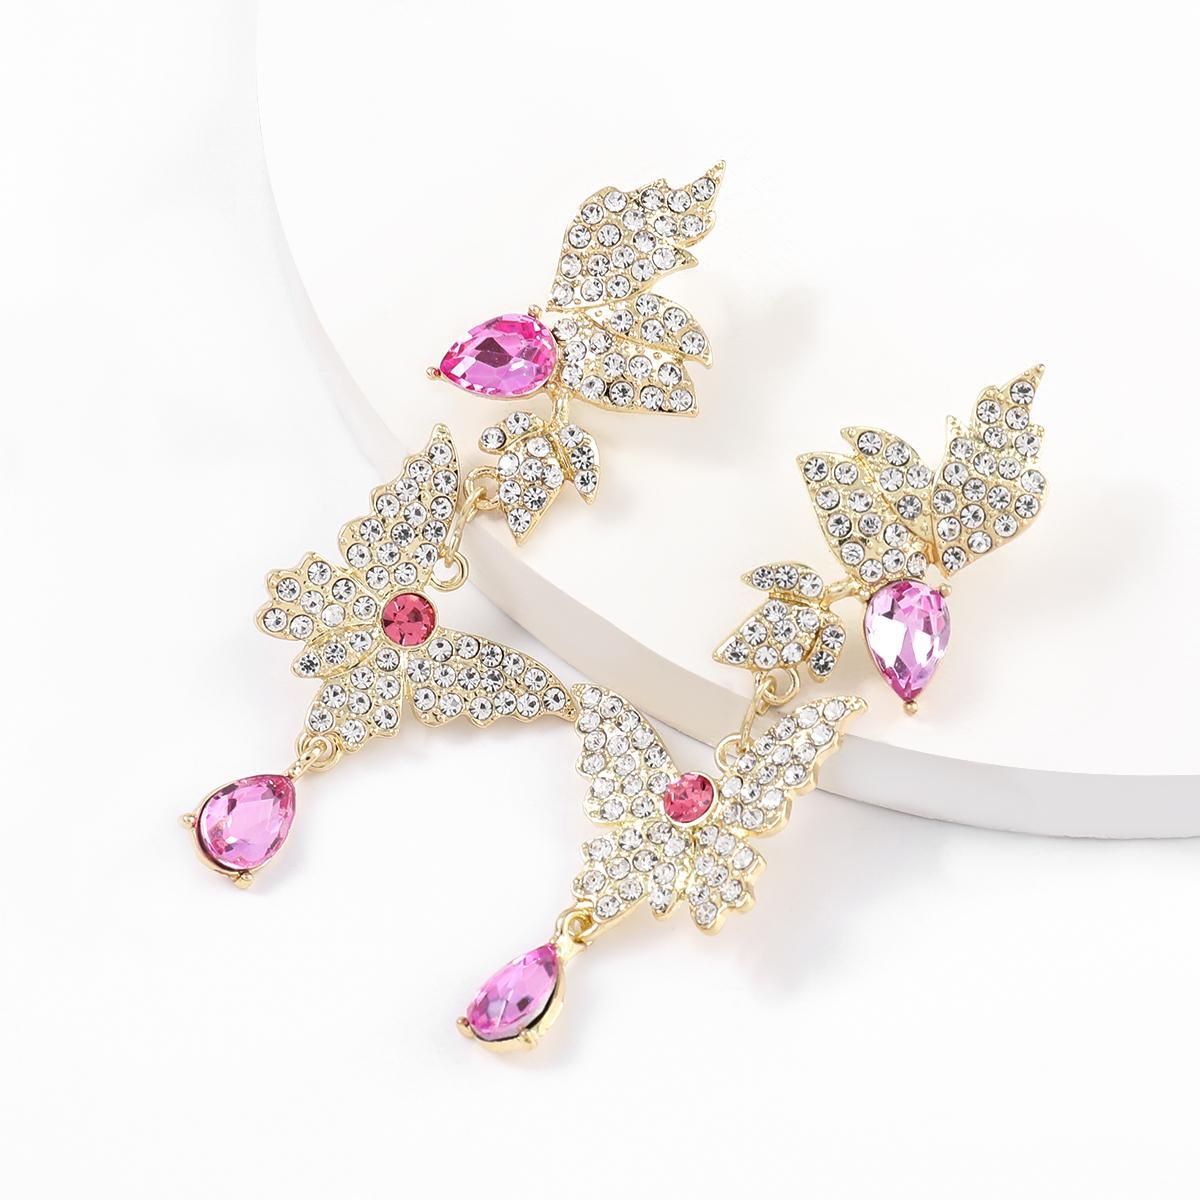 JIJIAWENHUA NUEVA TENDIENDA LADRES RHINESTETE Forma de mariposa Pendientes Colgante Pendientes Pendientes de moda Joyería